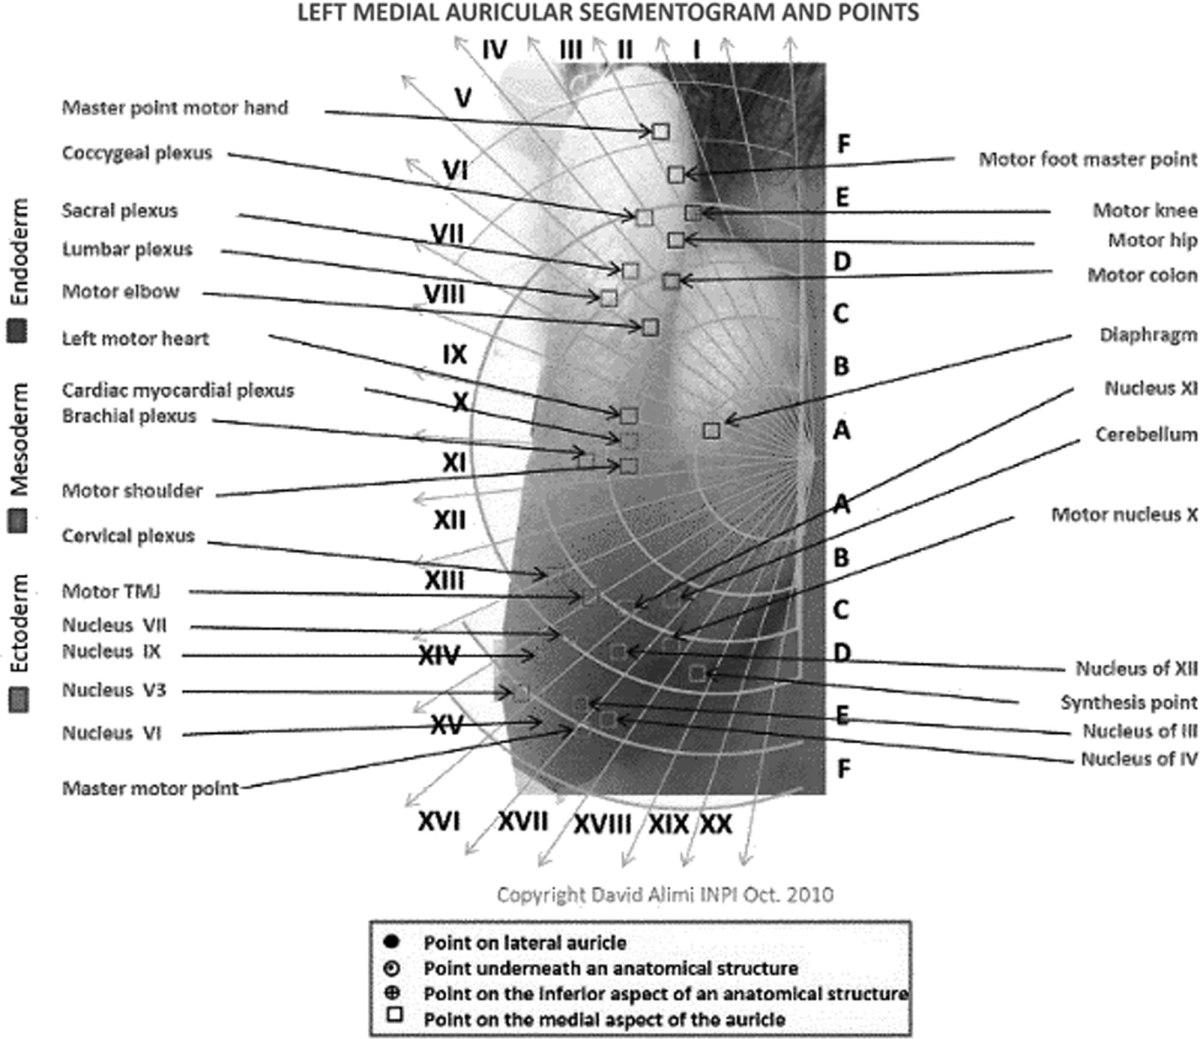 Auricular acupuncture homunculus 6